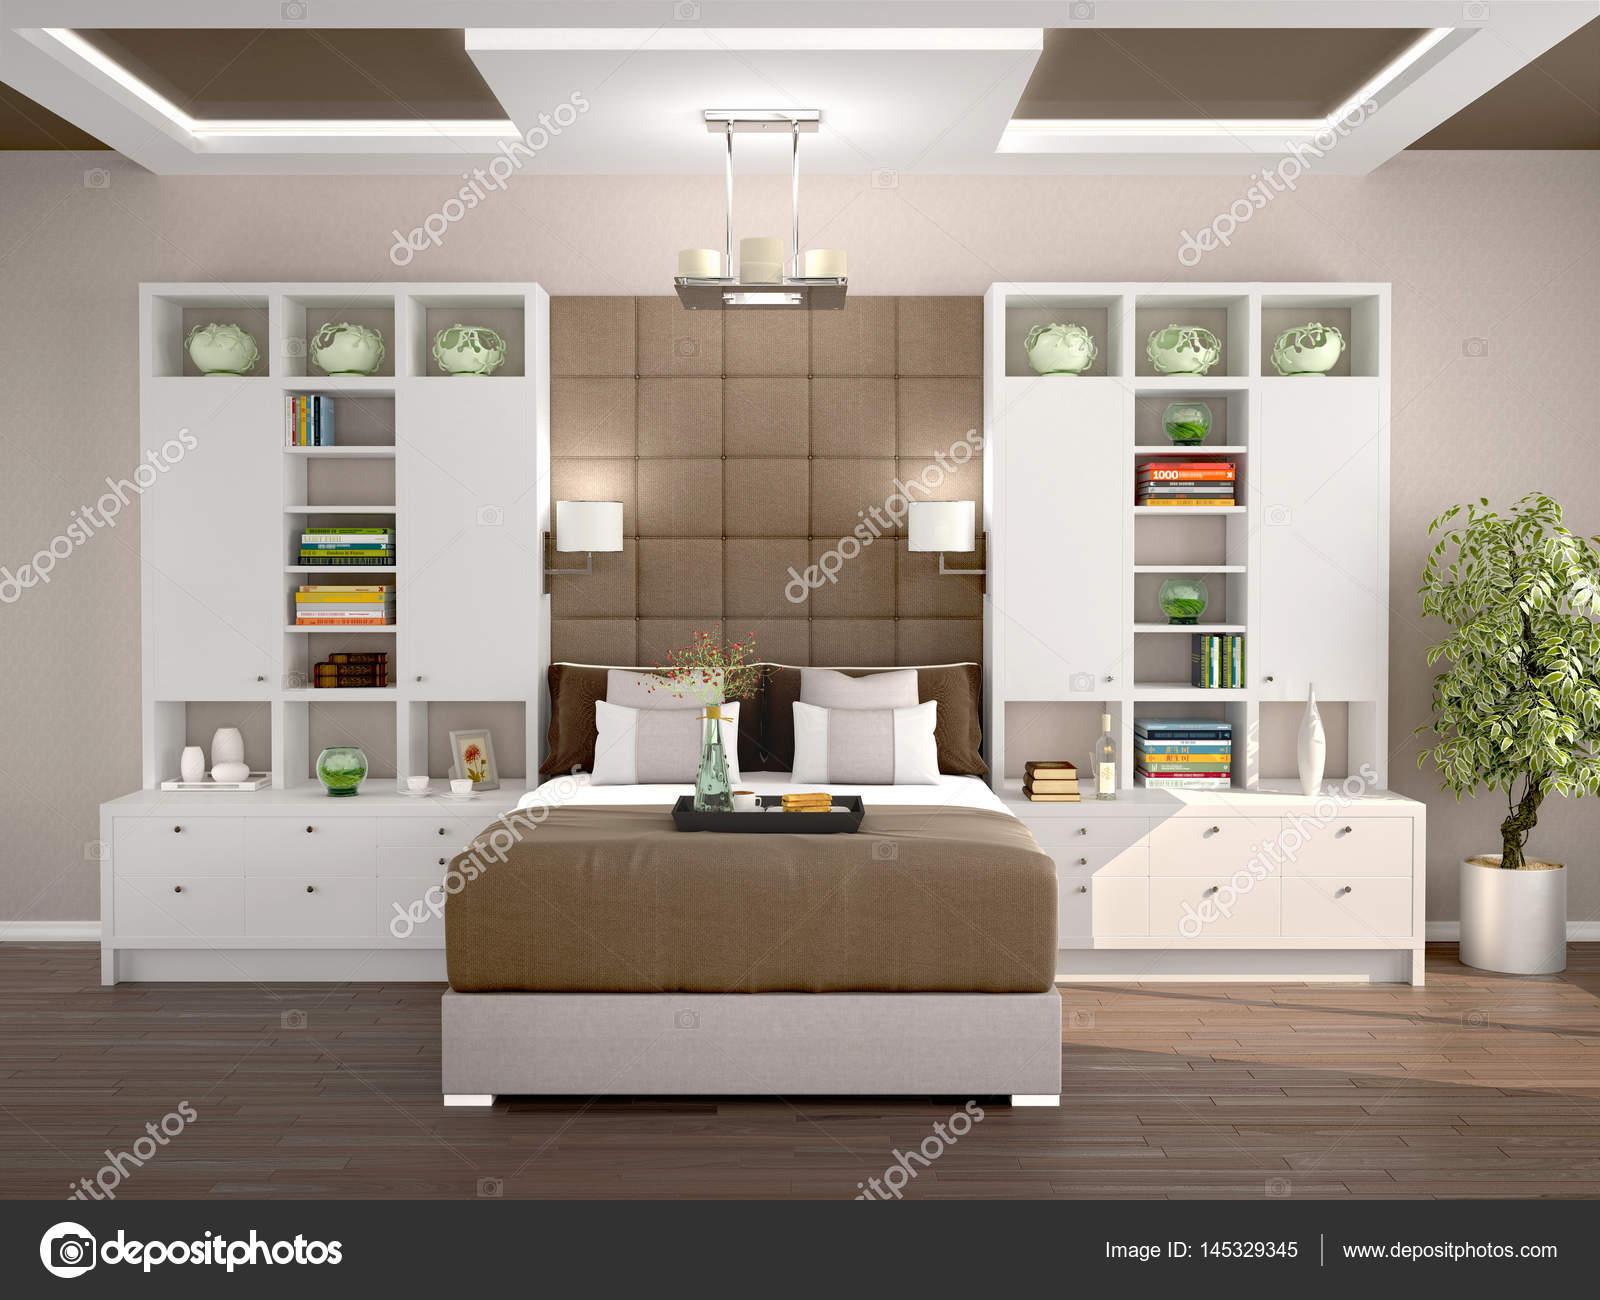 Slaapkamer Lage Kasten : Lichte en gezellige moderne slaapkamer met kasten aan de zijkanten